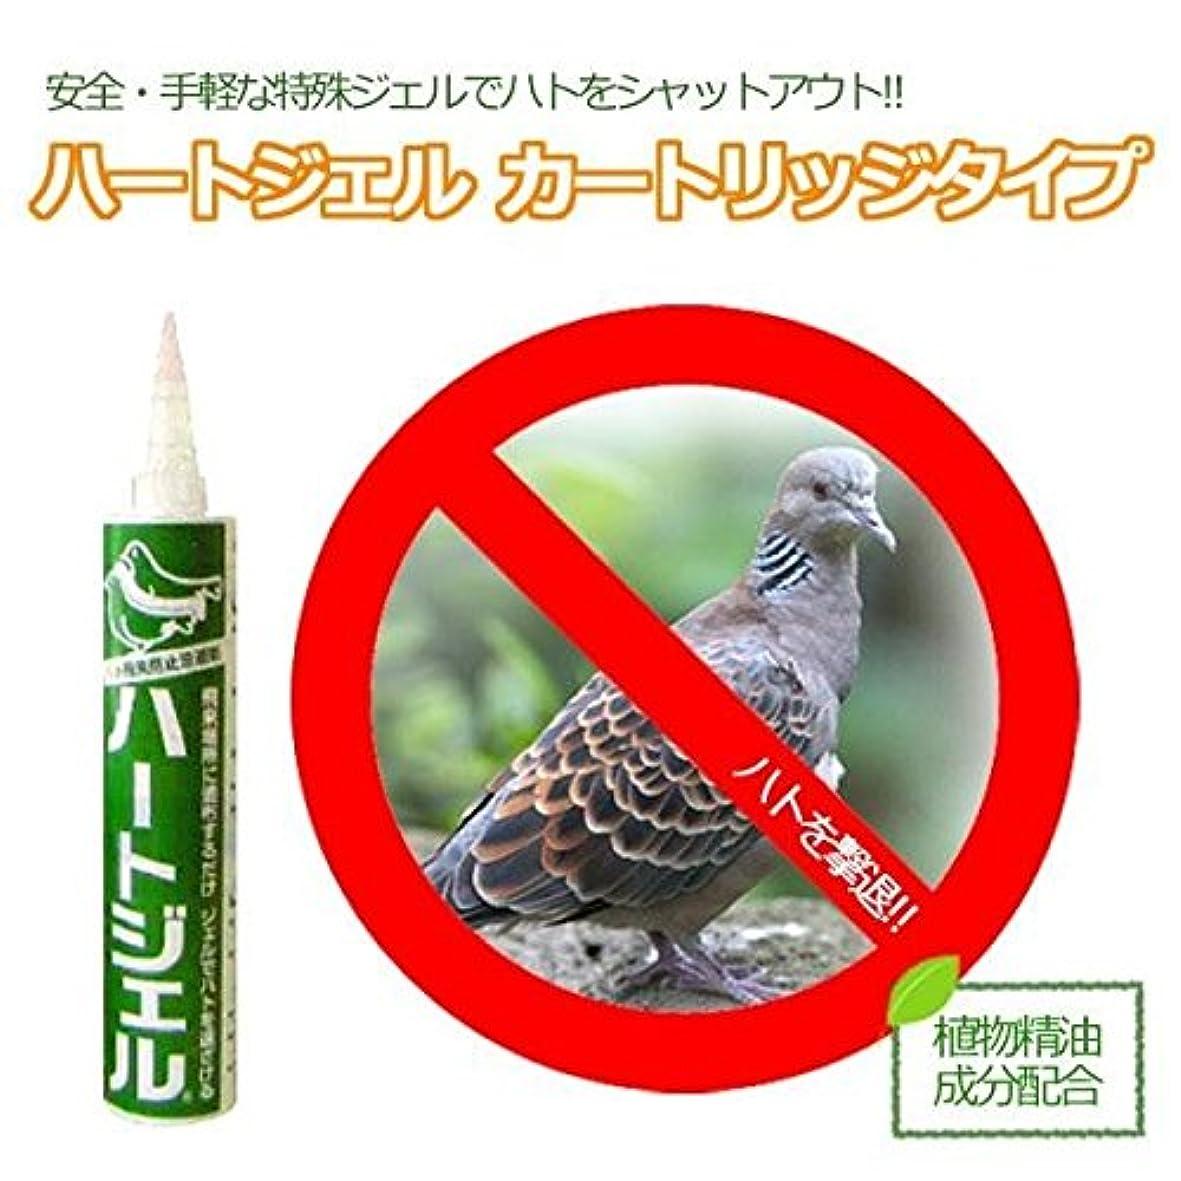 鳥被害でお困りの方必見 塗るだけで簡単ハト忌避剤。 ハト飛来防止用忌避剤 ハートジェル カートリッジタイプ 285g [簡易パッケージ品]